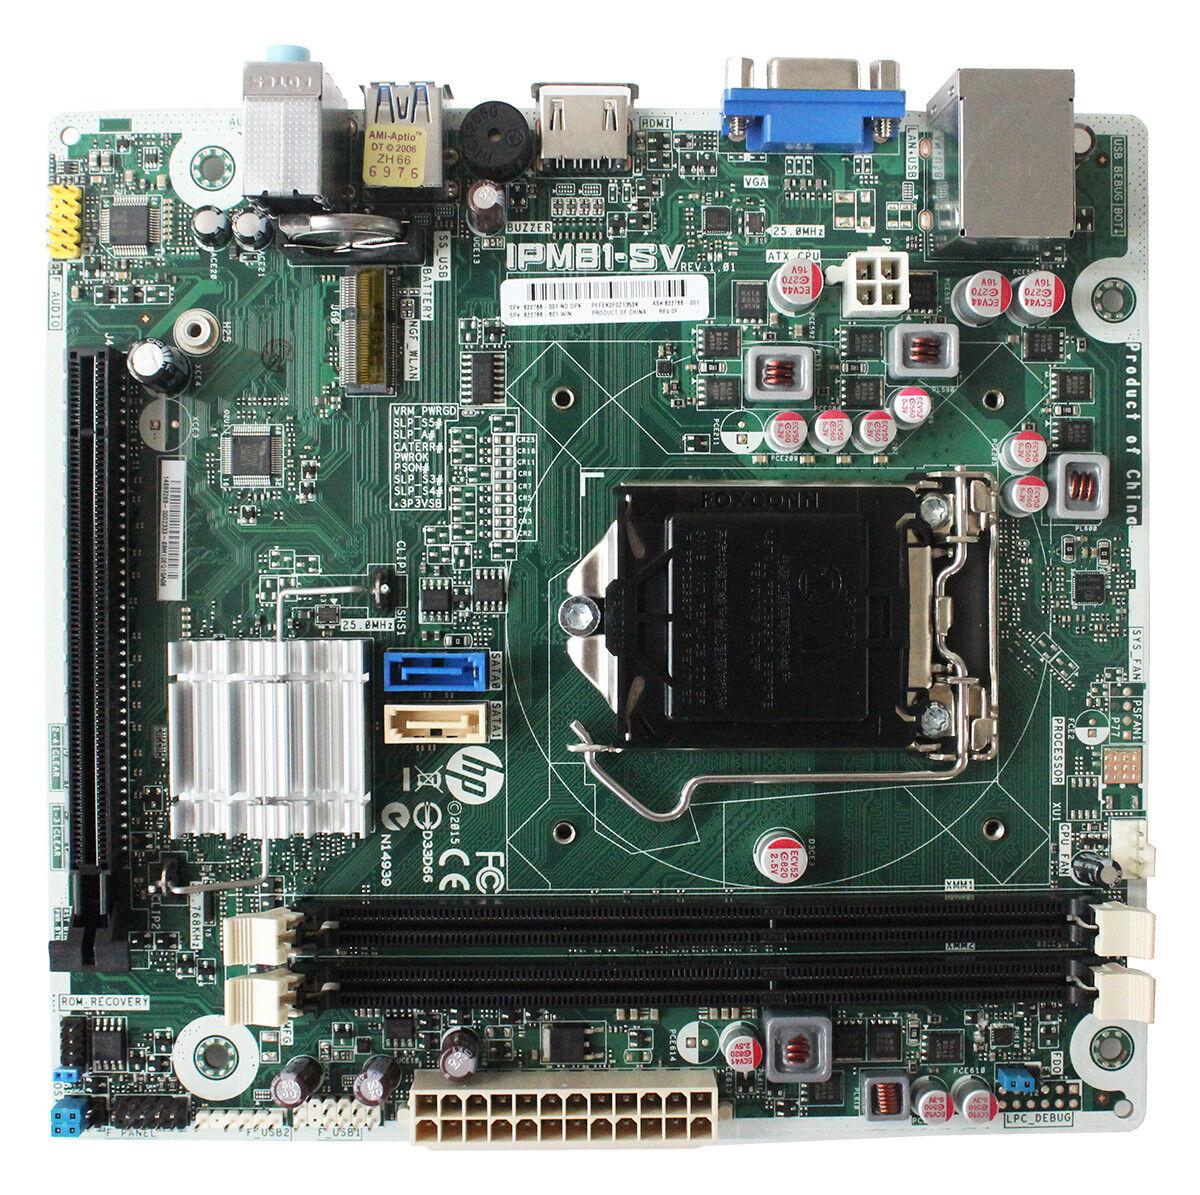 Details about For HP IPM81-SV REV:1 01 822766-001 Desktop motherboard  822766-601 LGA1155 DDR3